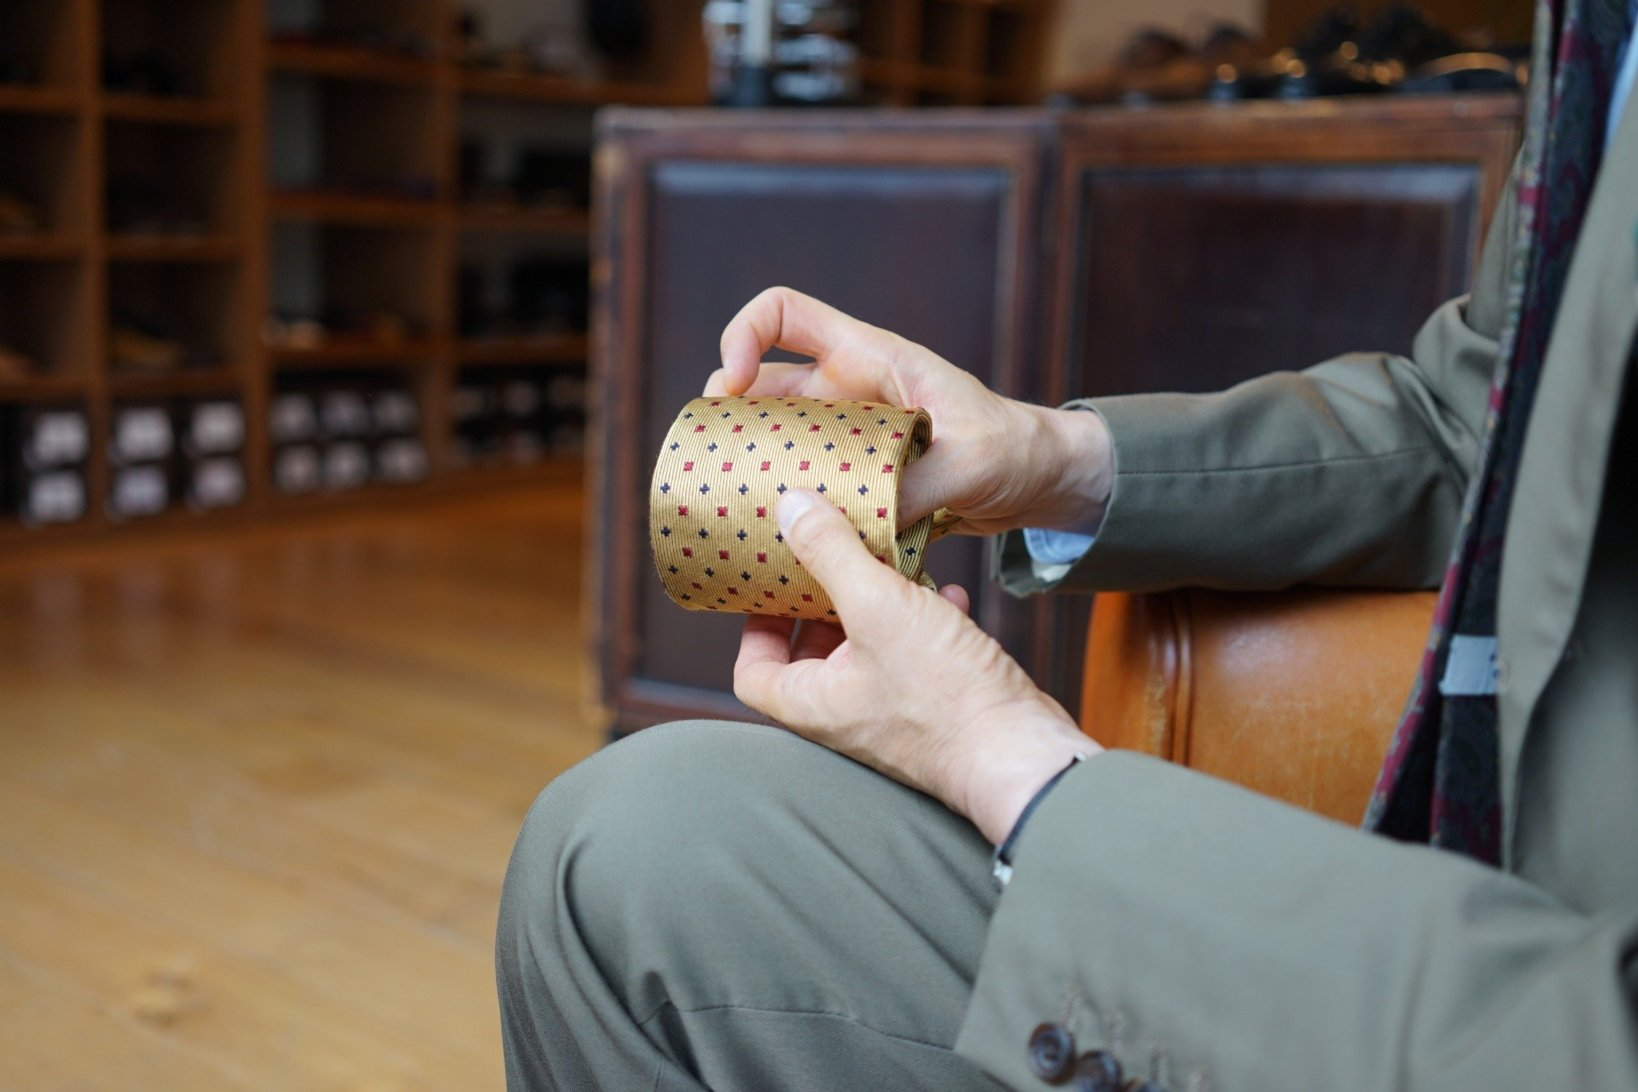 飯野さんが最初に購入した、ドレイクスのネクタイ。「ジャカード織で柄を出したタイはドレイクスが初めてだったんです。ドレイクスのタイは肉厚で、締め心地も抜群なのですごく愛用しました」(飯野さん)